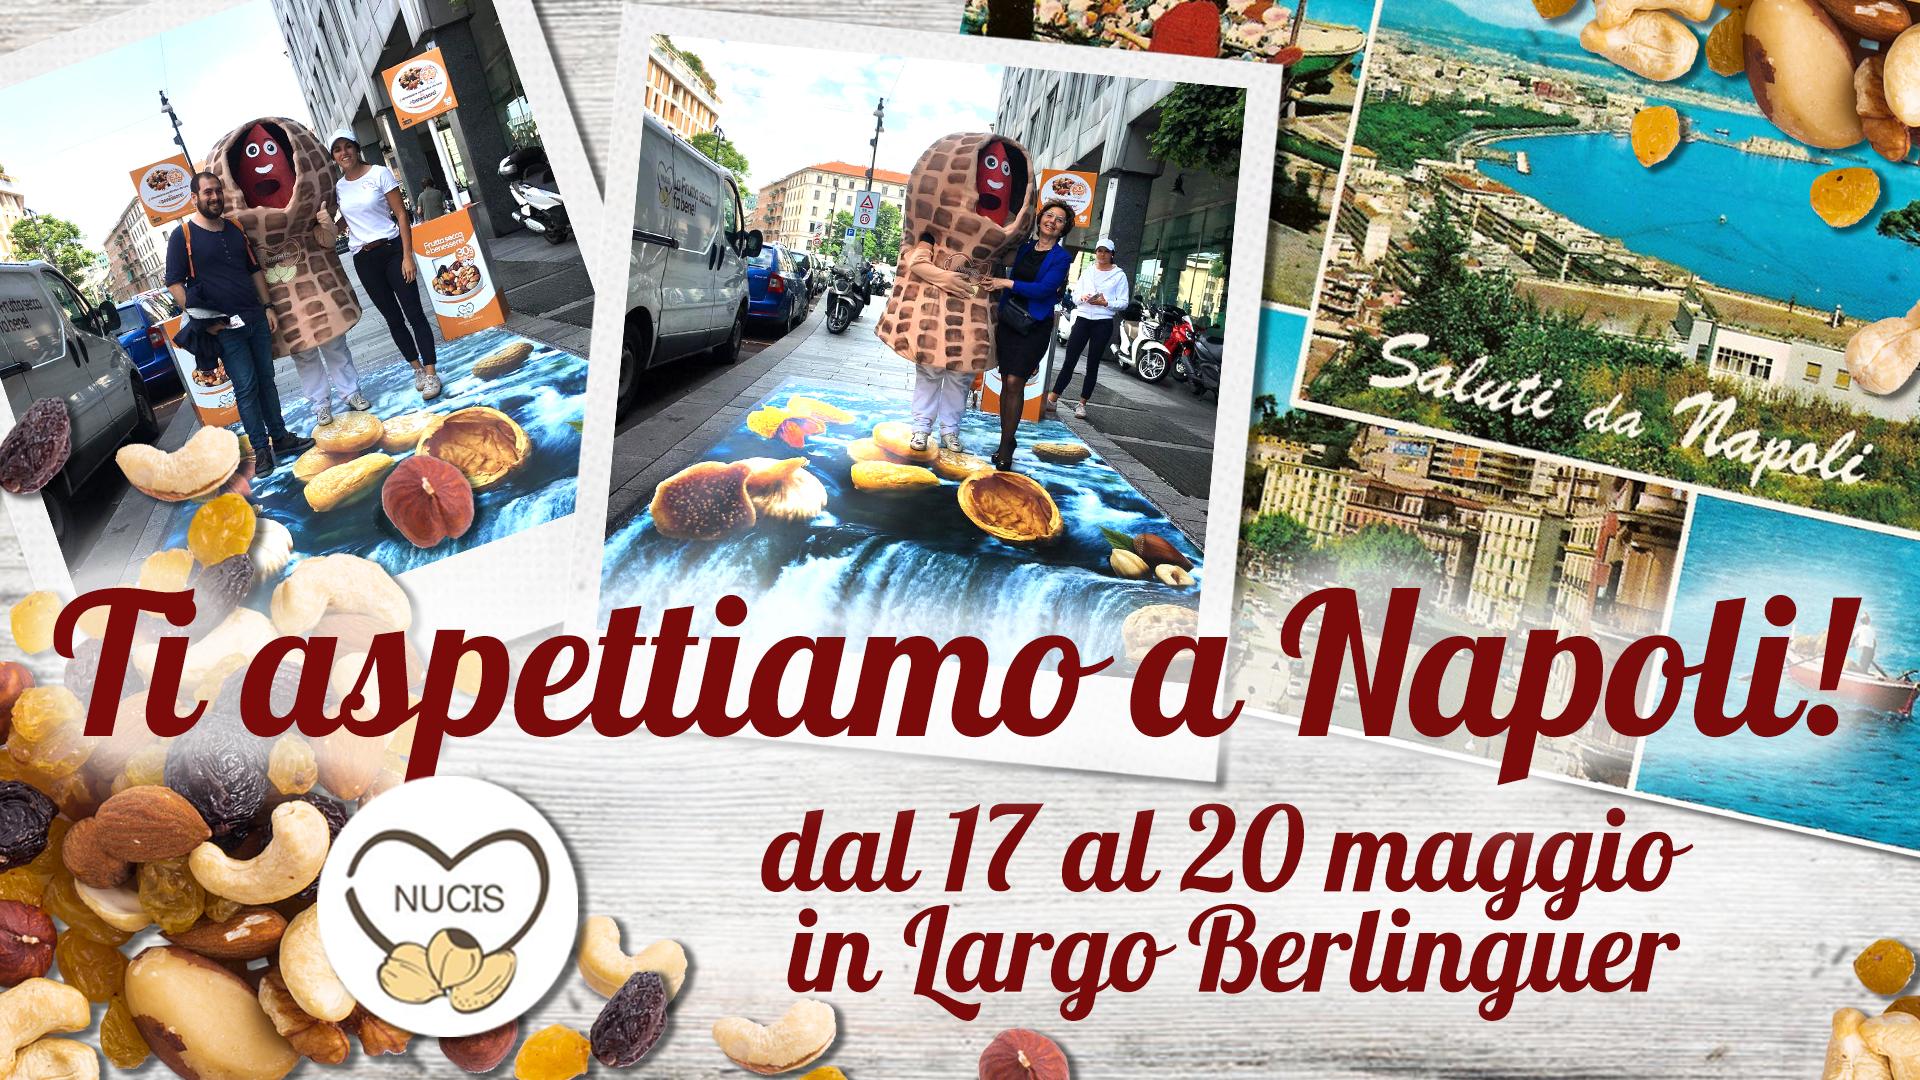 cover immage Napoli (002)